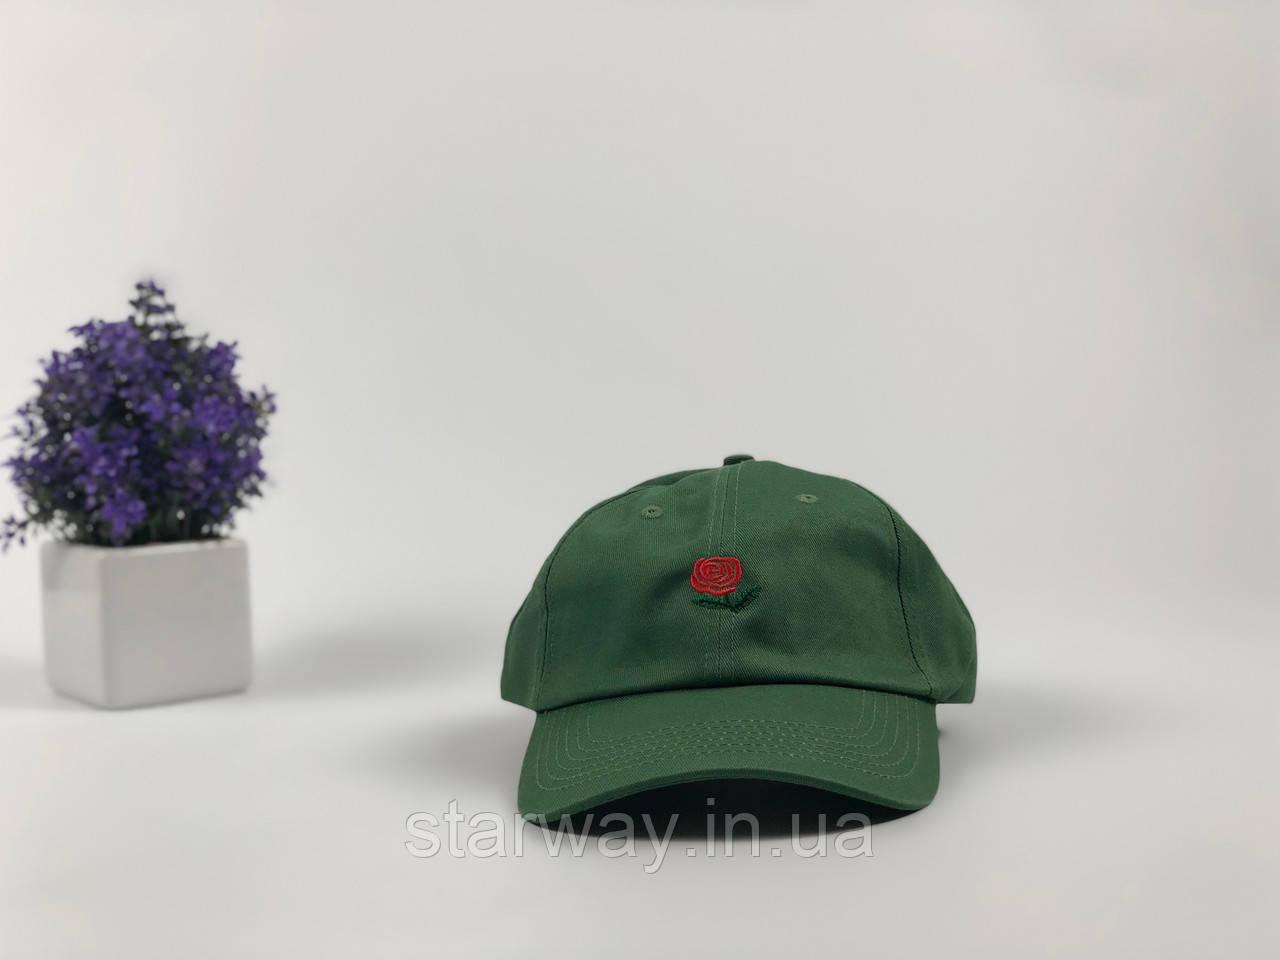 Кепка темно зеленая Hundreds Rose логотип вышивка